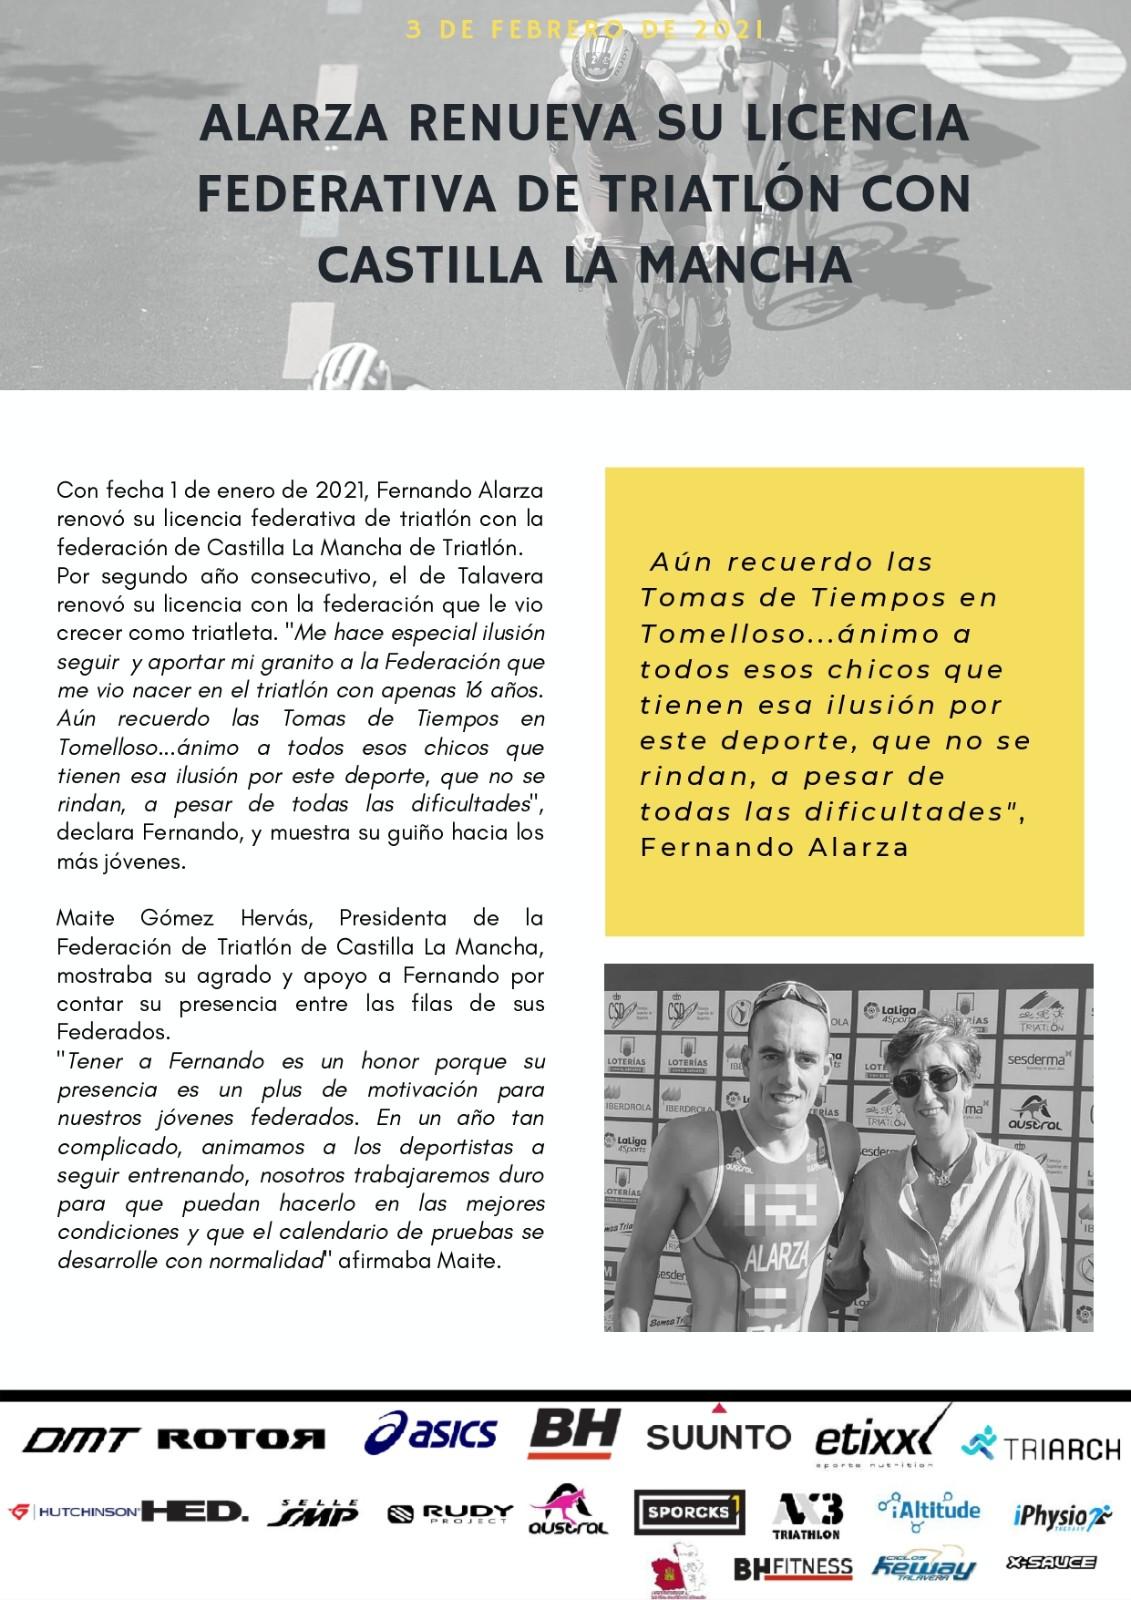 Alarza renueva con Castilla la Mancha 21